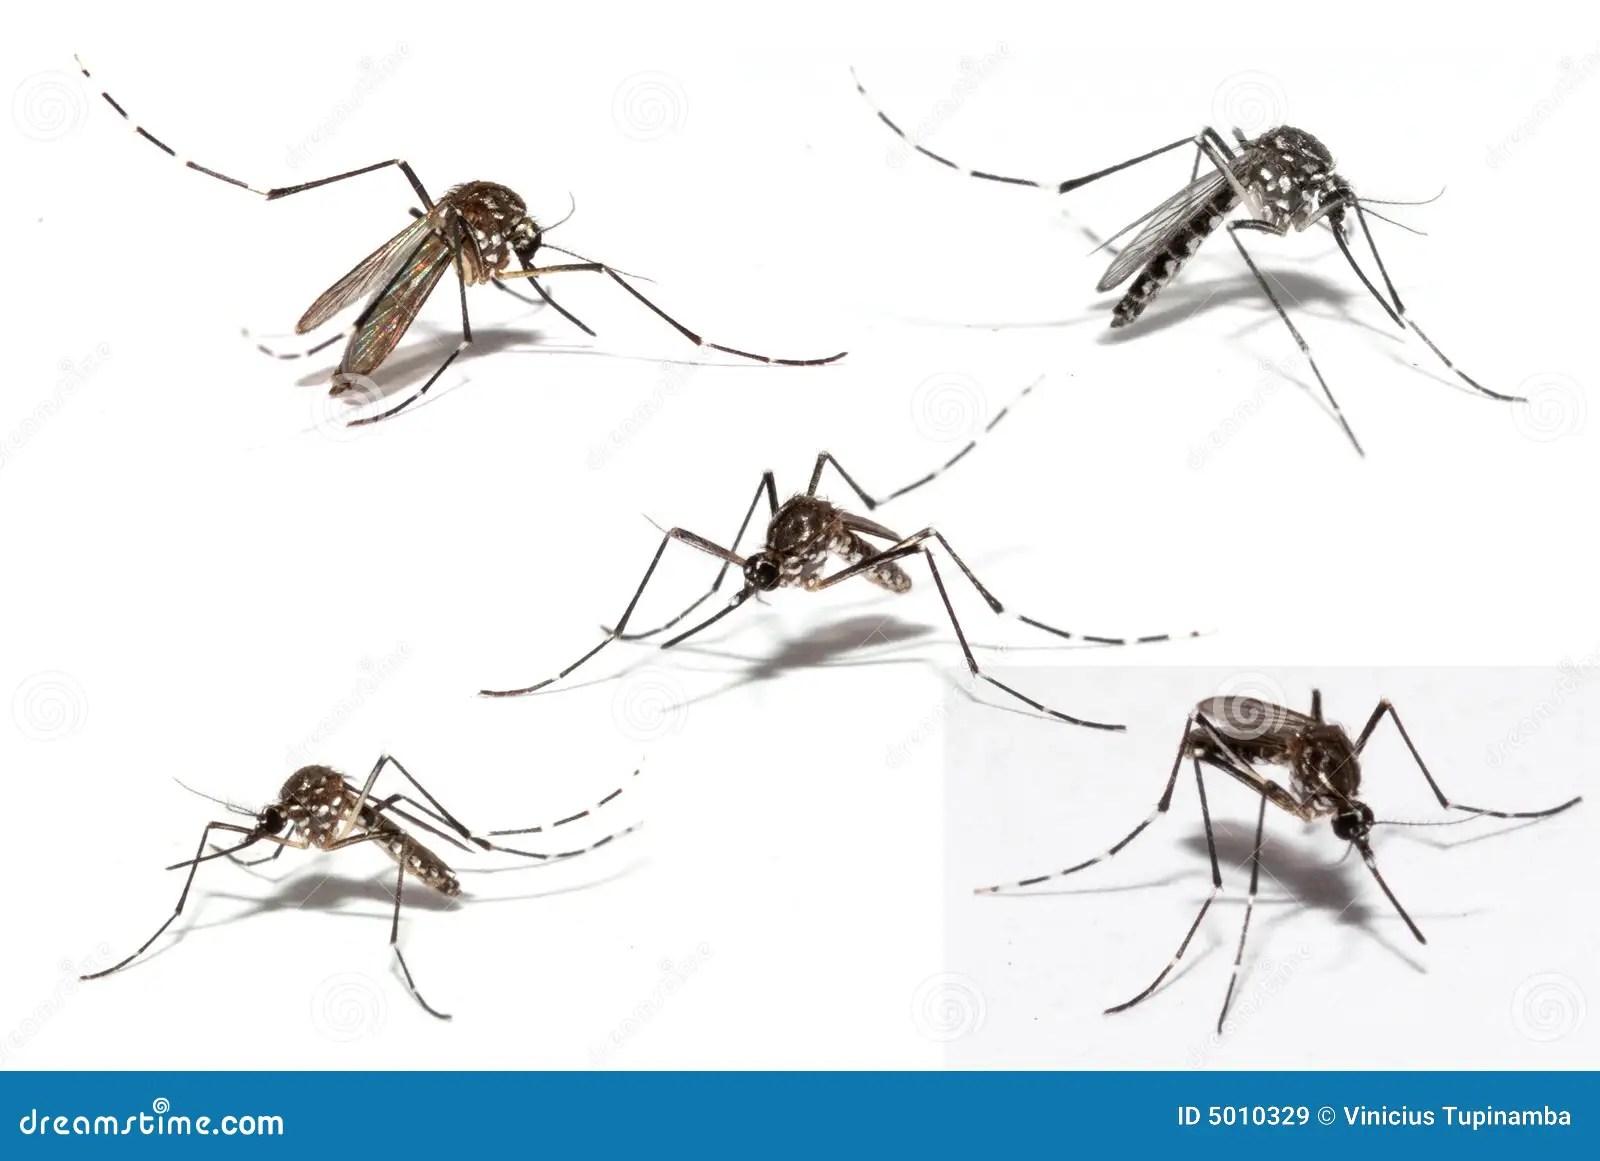 Mosquito Da Dengue Imagens De Stock Royalty Free